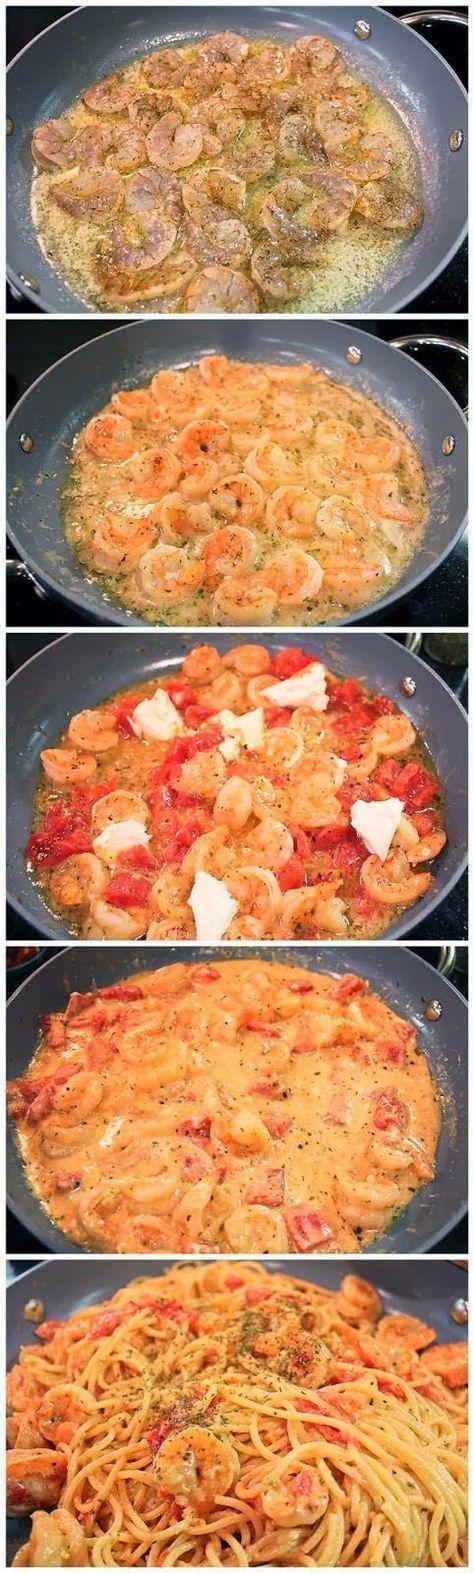 Shrimp cream cheese recipes pasta